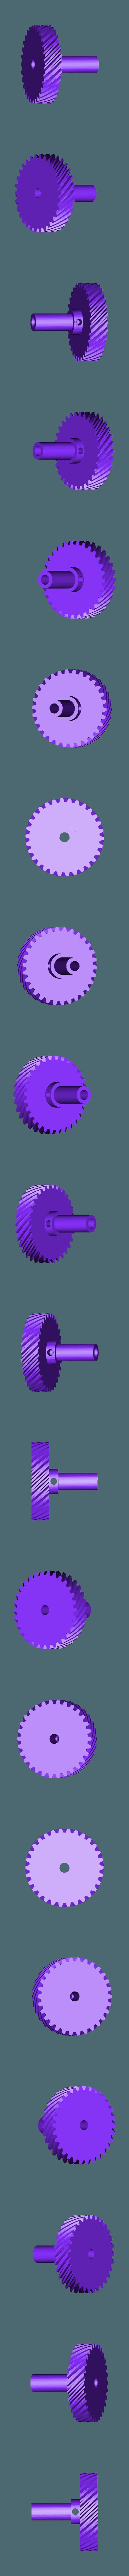 bighelical32t_0.7m_-_2.STL Télécharger fichier STL gratuit Camion Imprimé : Boîte de vitesses Rapport de démultiplication 18:1 à engrenages hélicoïdaux • Plan pour imprimante 3D, MrCrankyface